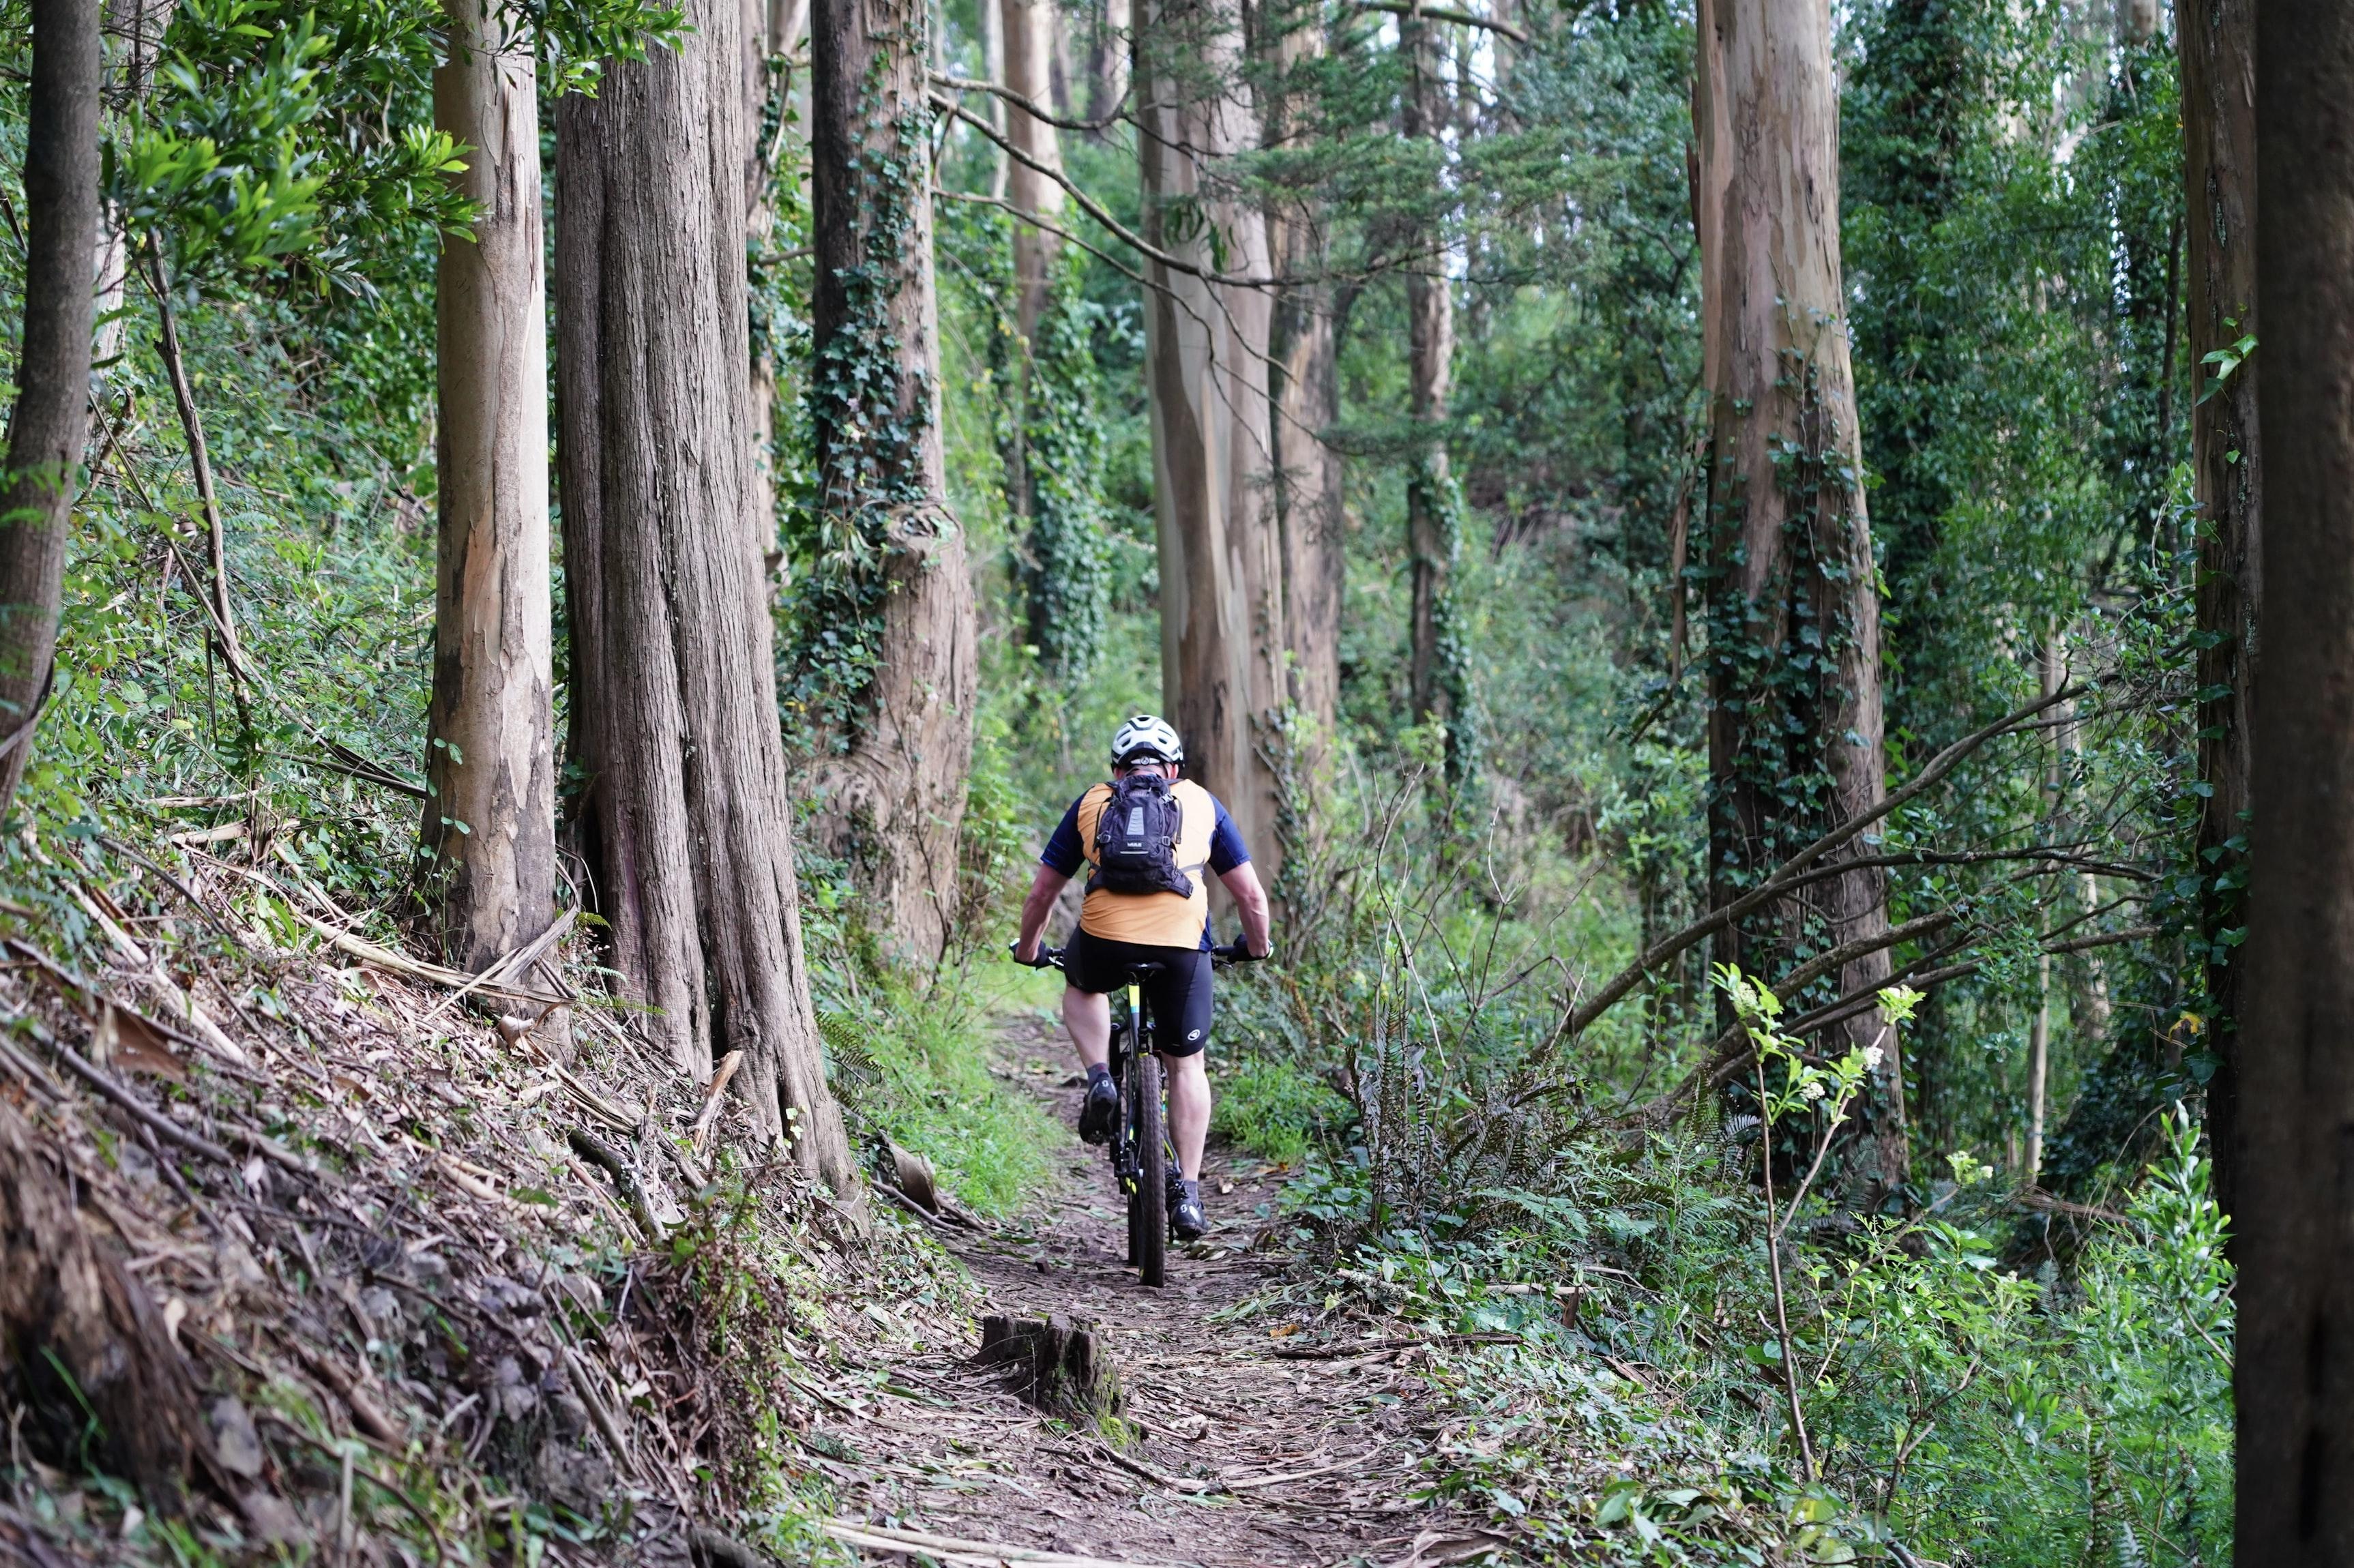 Man biking through the forest